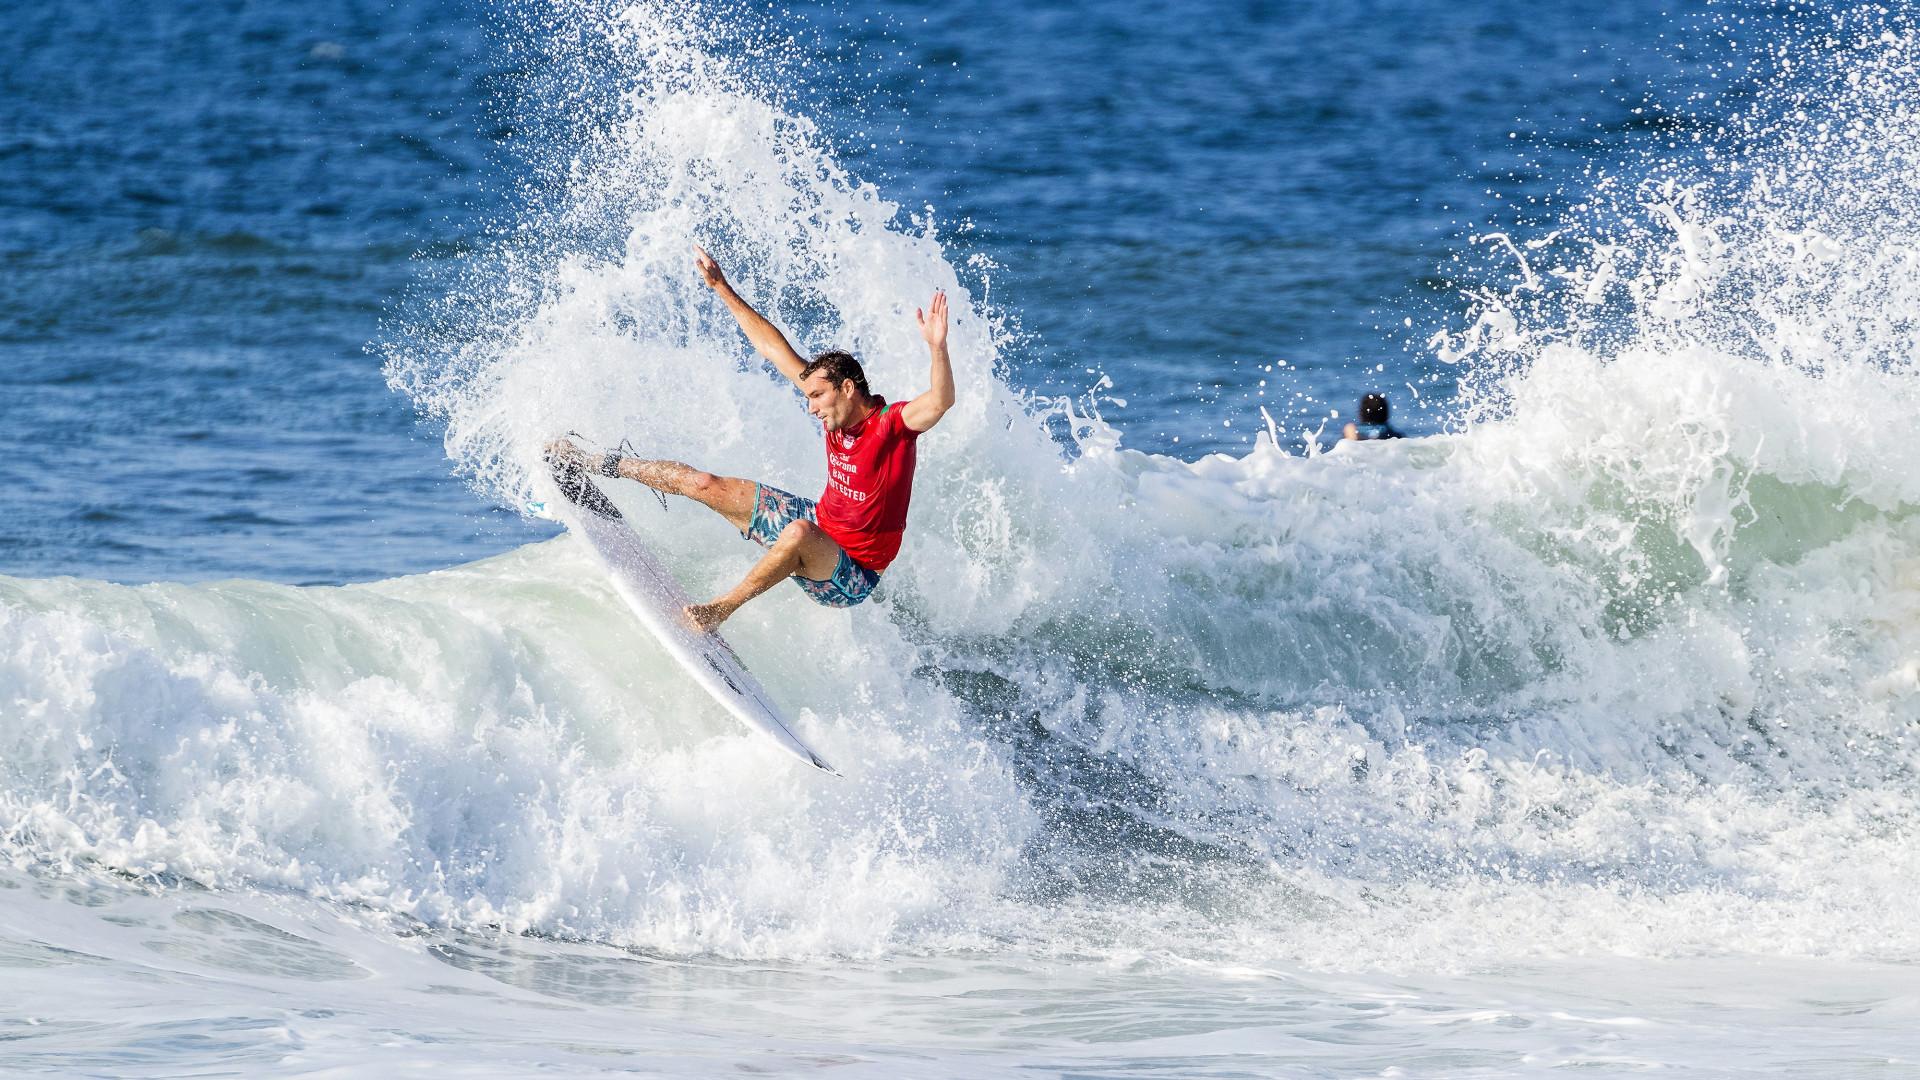 Circuito Mundial De Surf : Surfista frederico morais eliminado na etapa de bali do